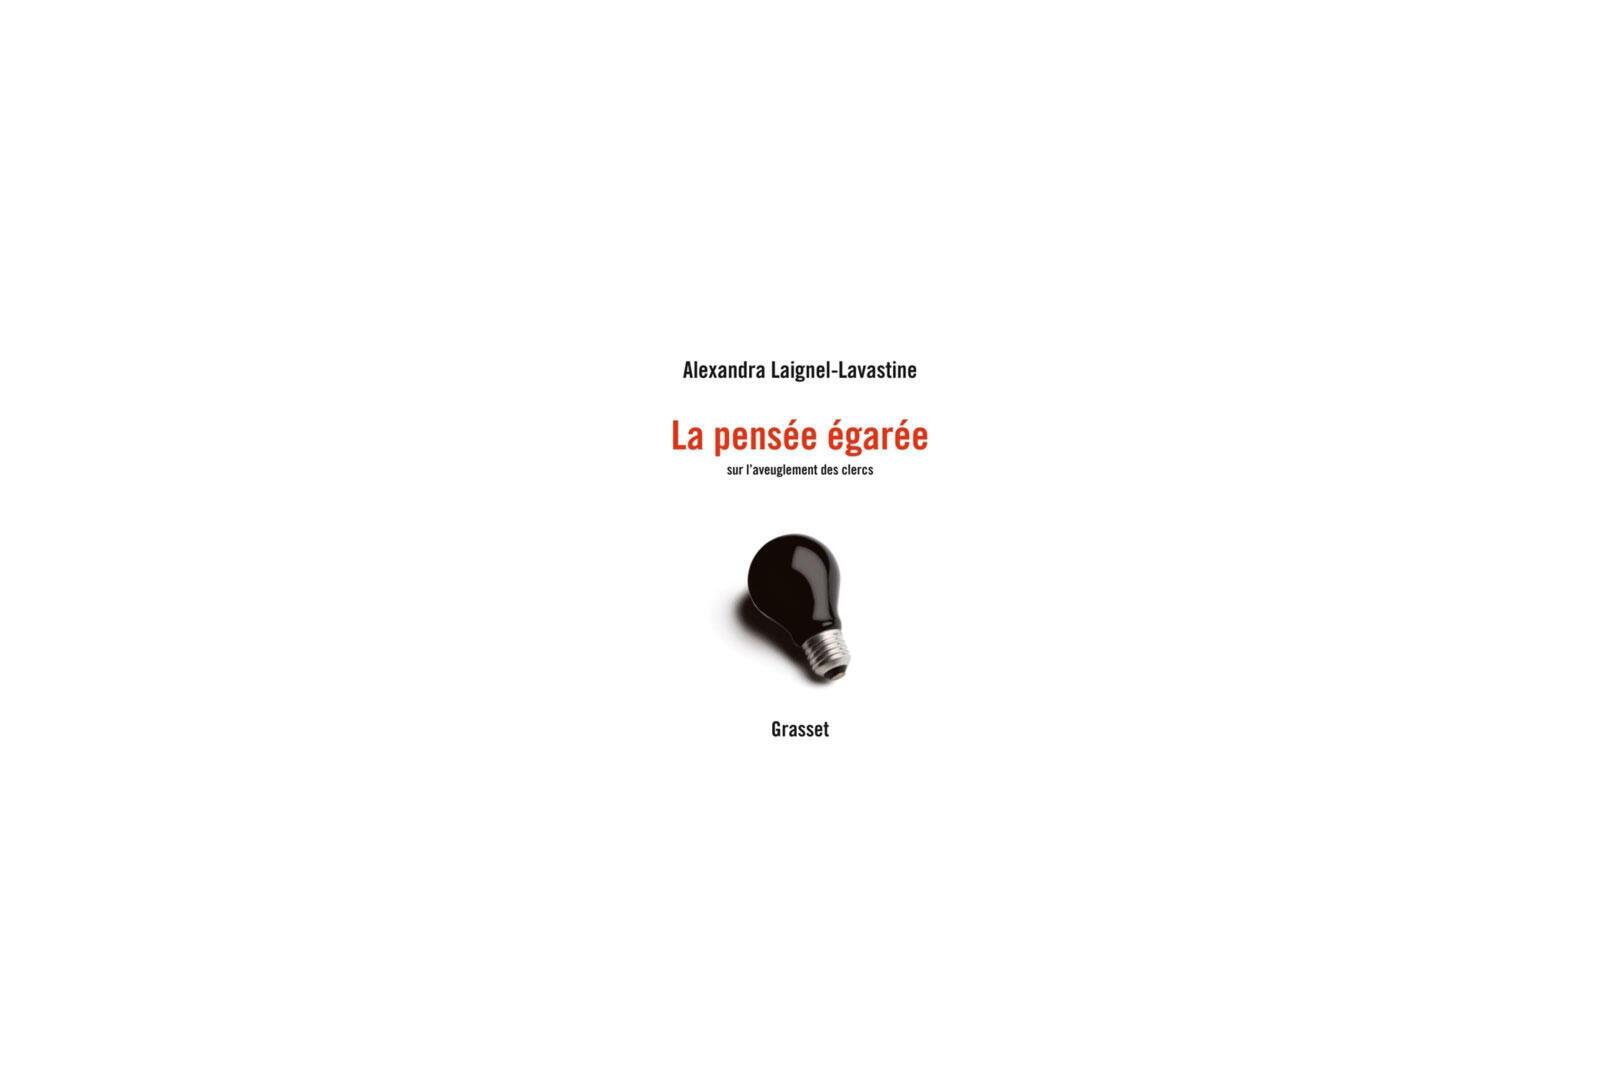 «La pensée égarée, essai sur les penchants suicidaires de l'Europe», d'Alexandra Laignel-Lavastine.